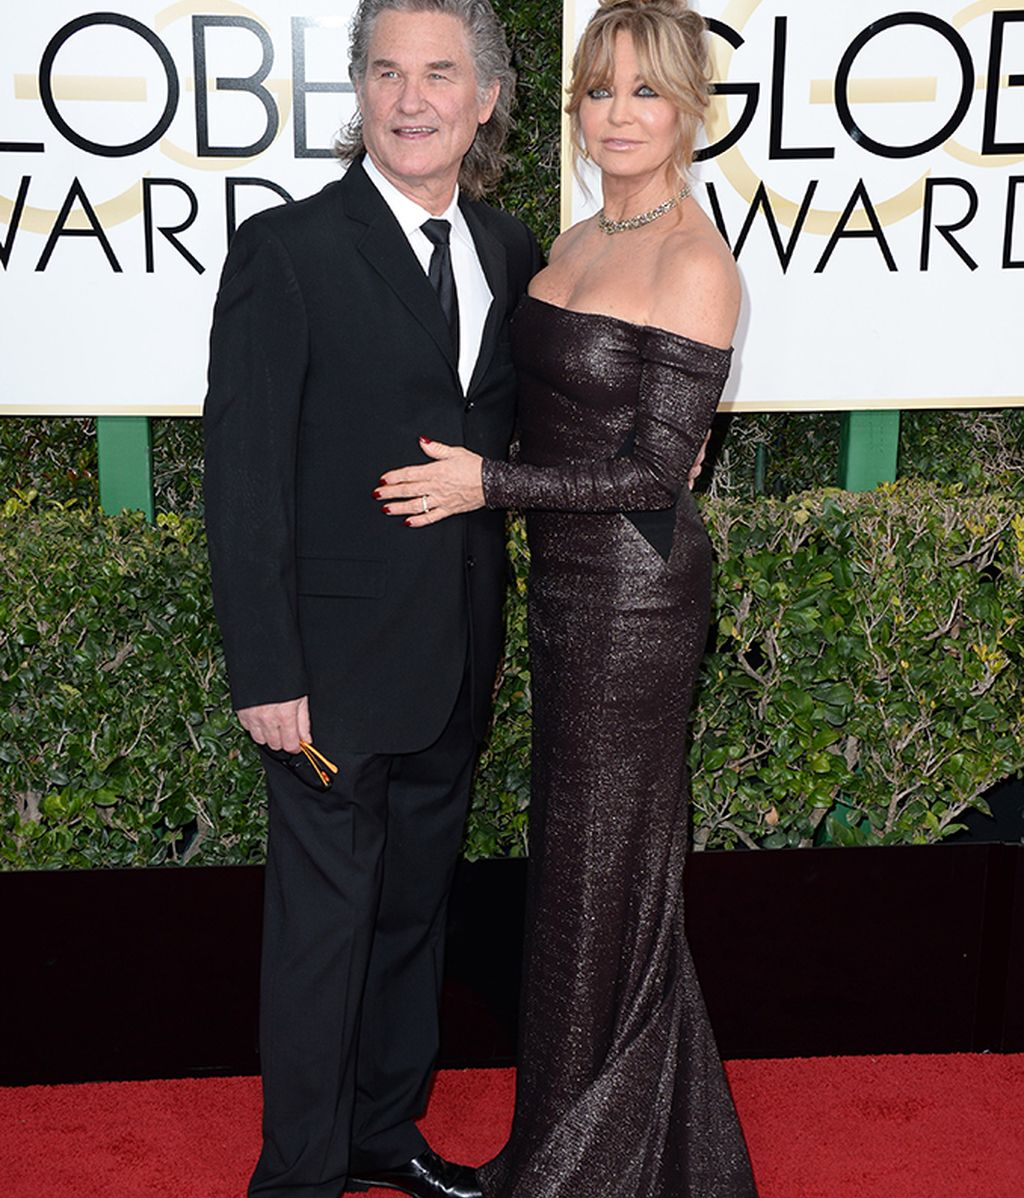 Posado de Kurt Russell y Goldie Hawn